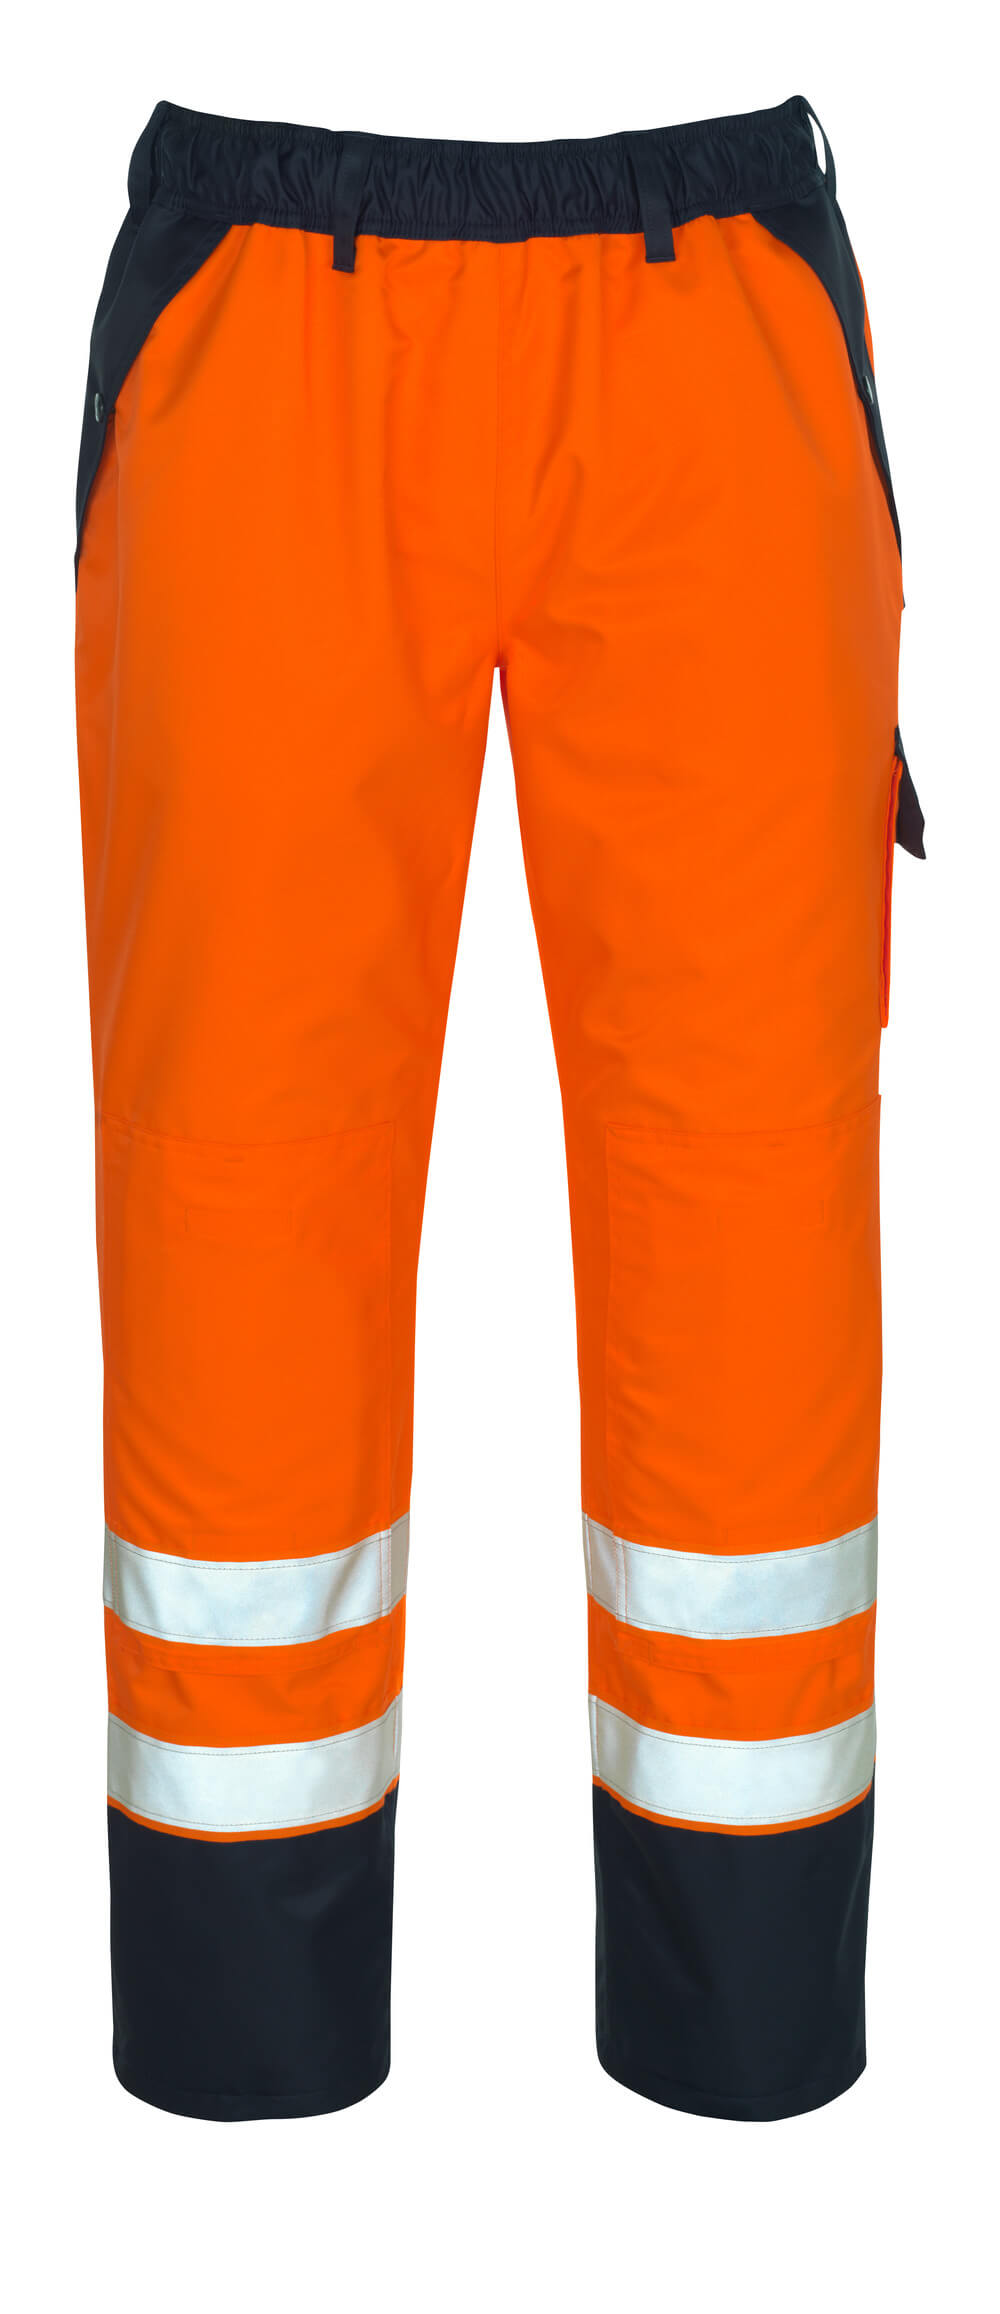 07090-880-141 Over Pants - hi-vis orange/navy